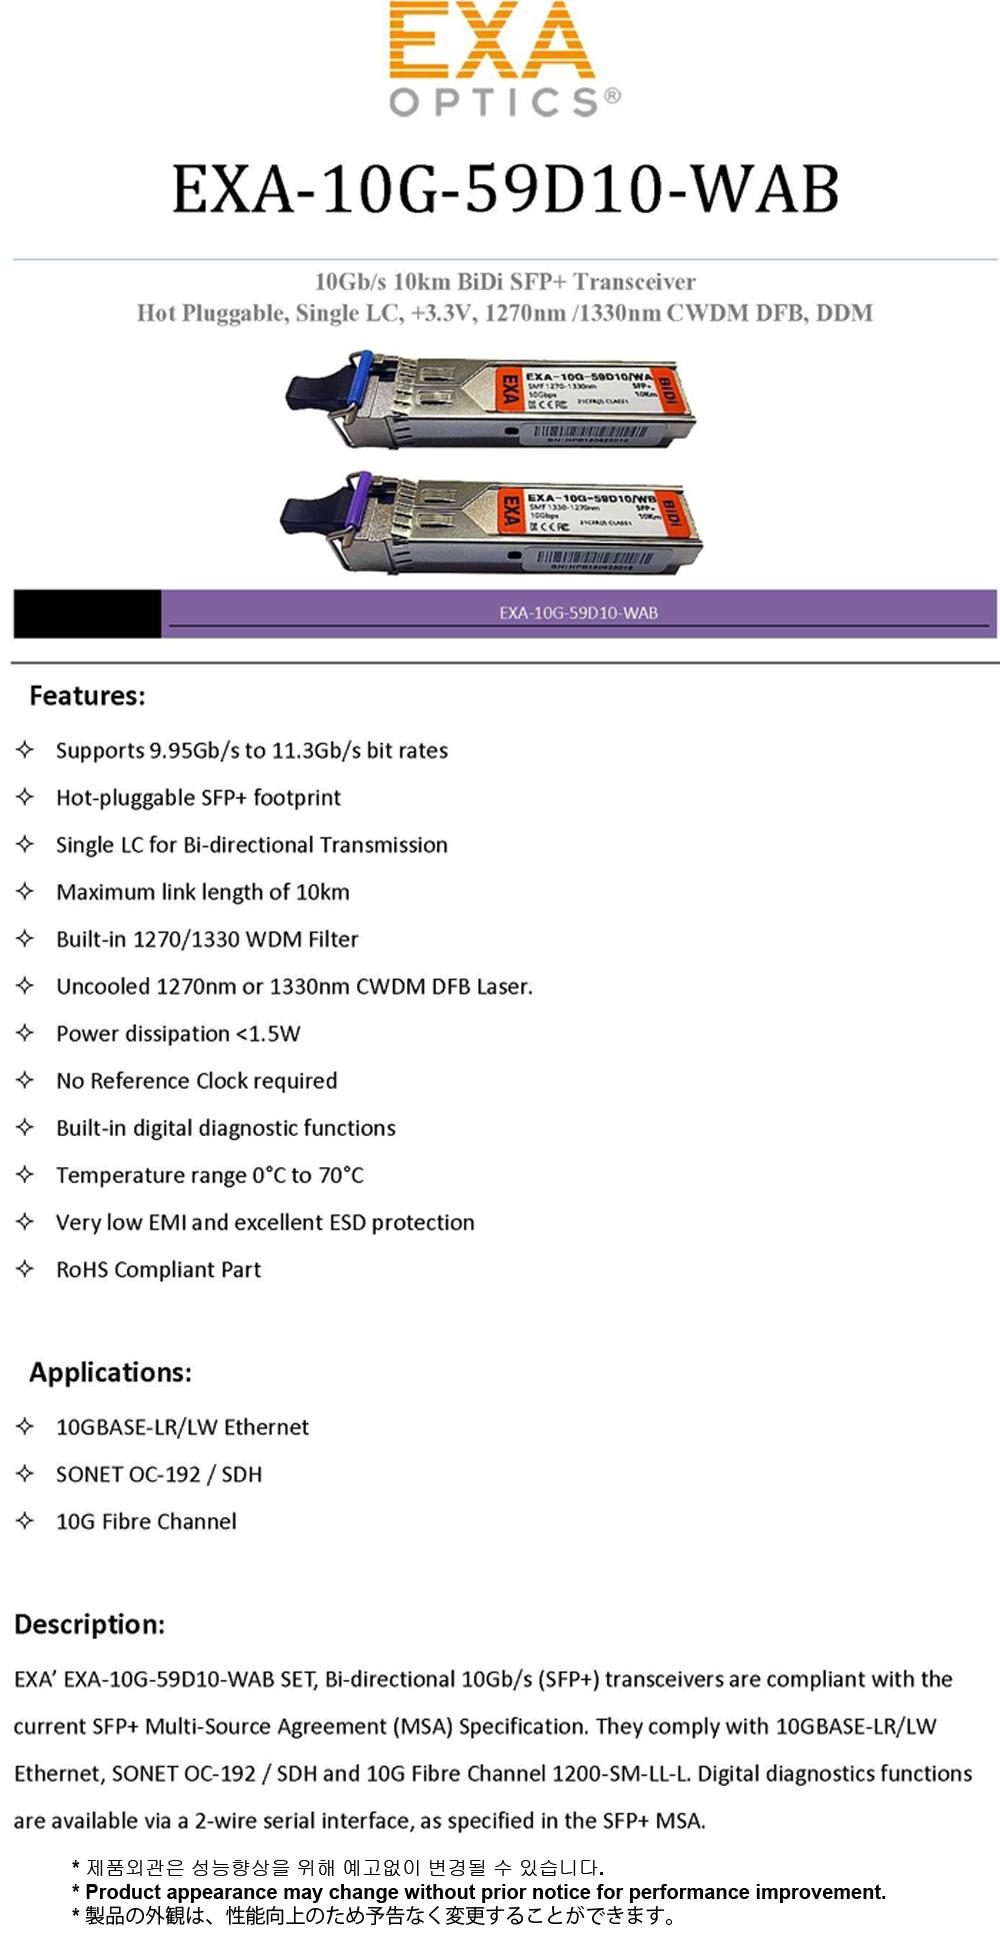 [EXA] 10G BiDi SFP+ 10km,EXA-10G-59D10-WAB